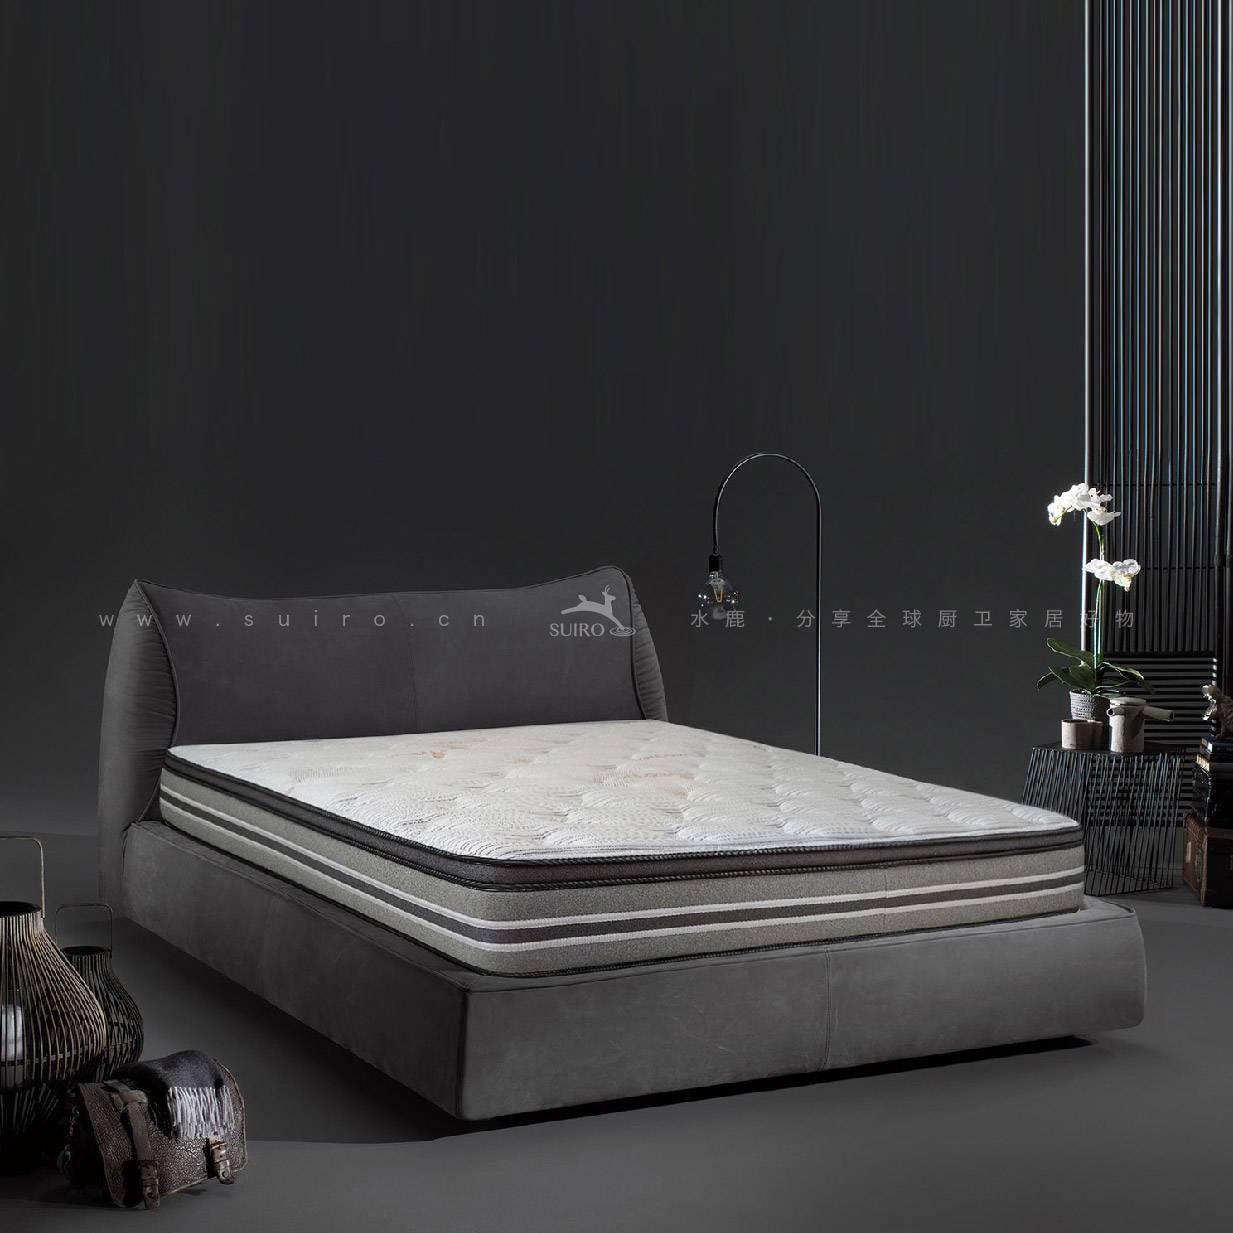 鹿眠4号床垫-七区独立袋装弹簧+3D黑科技芯材·防螨抑菌(提前20天申请发货)